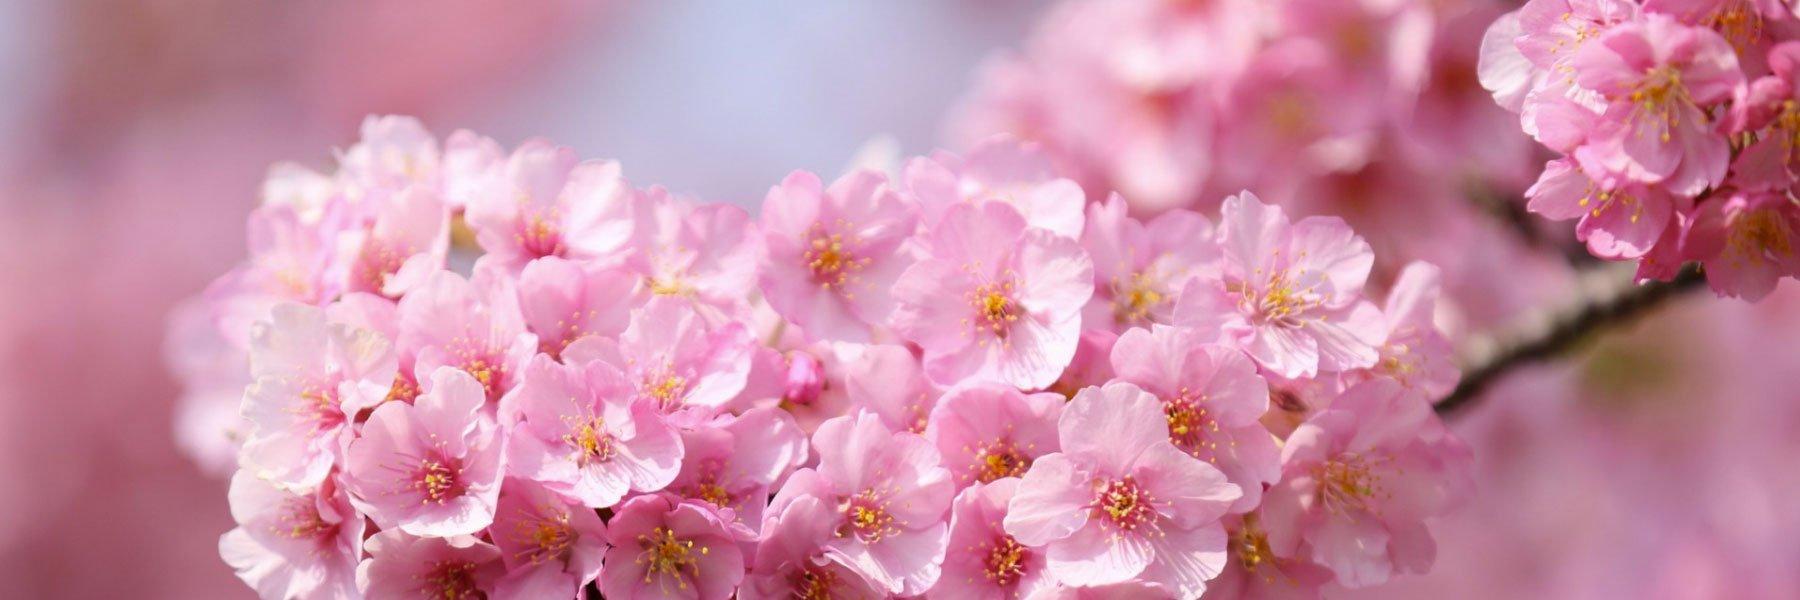 3 Best Cherry Blossom Sakura Trees in Japan